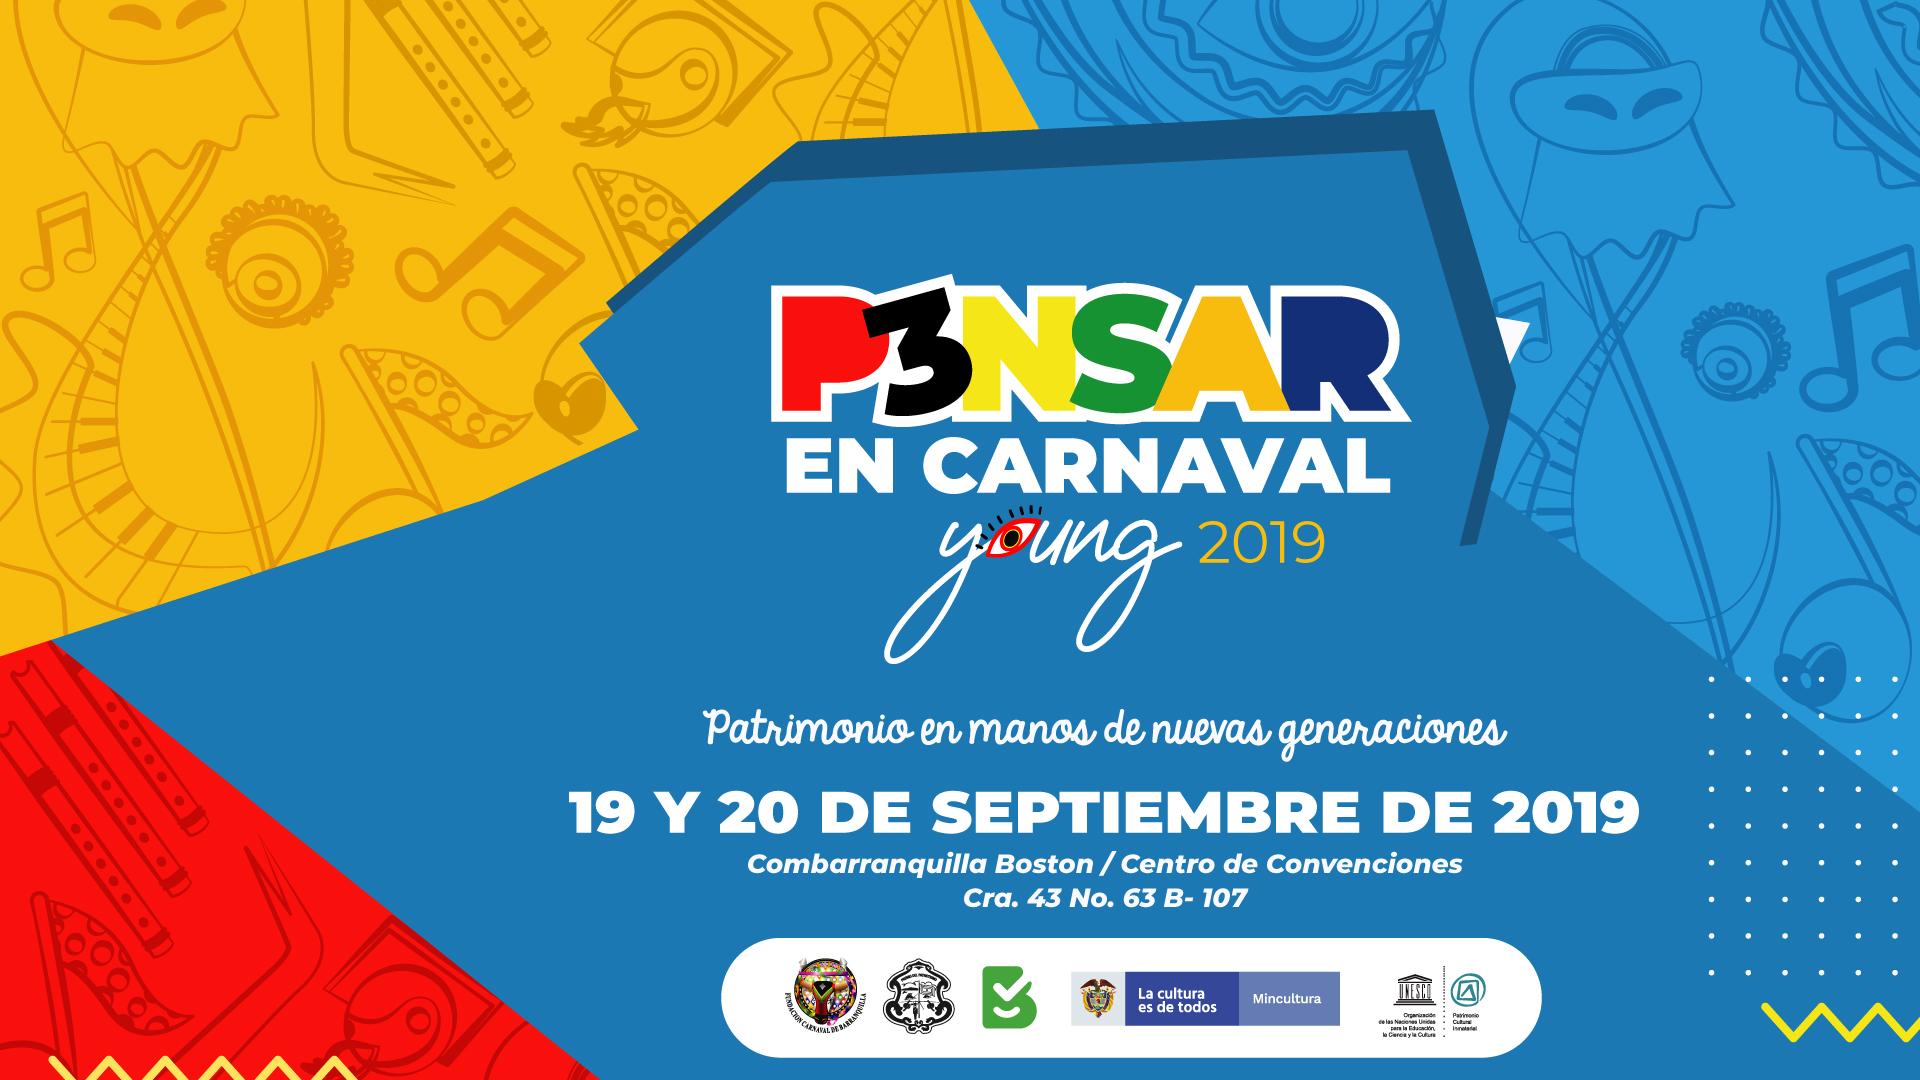 Encuentro de Jóvenes para el Carnaval